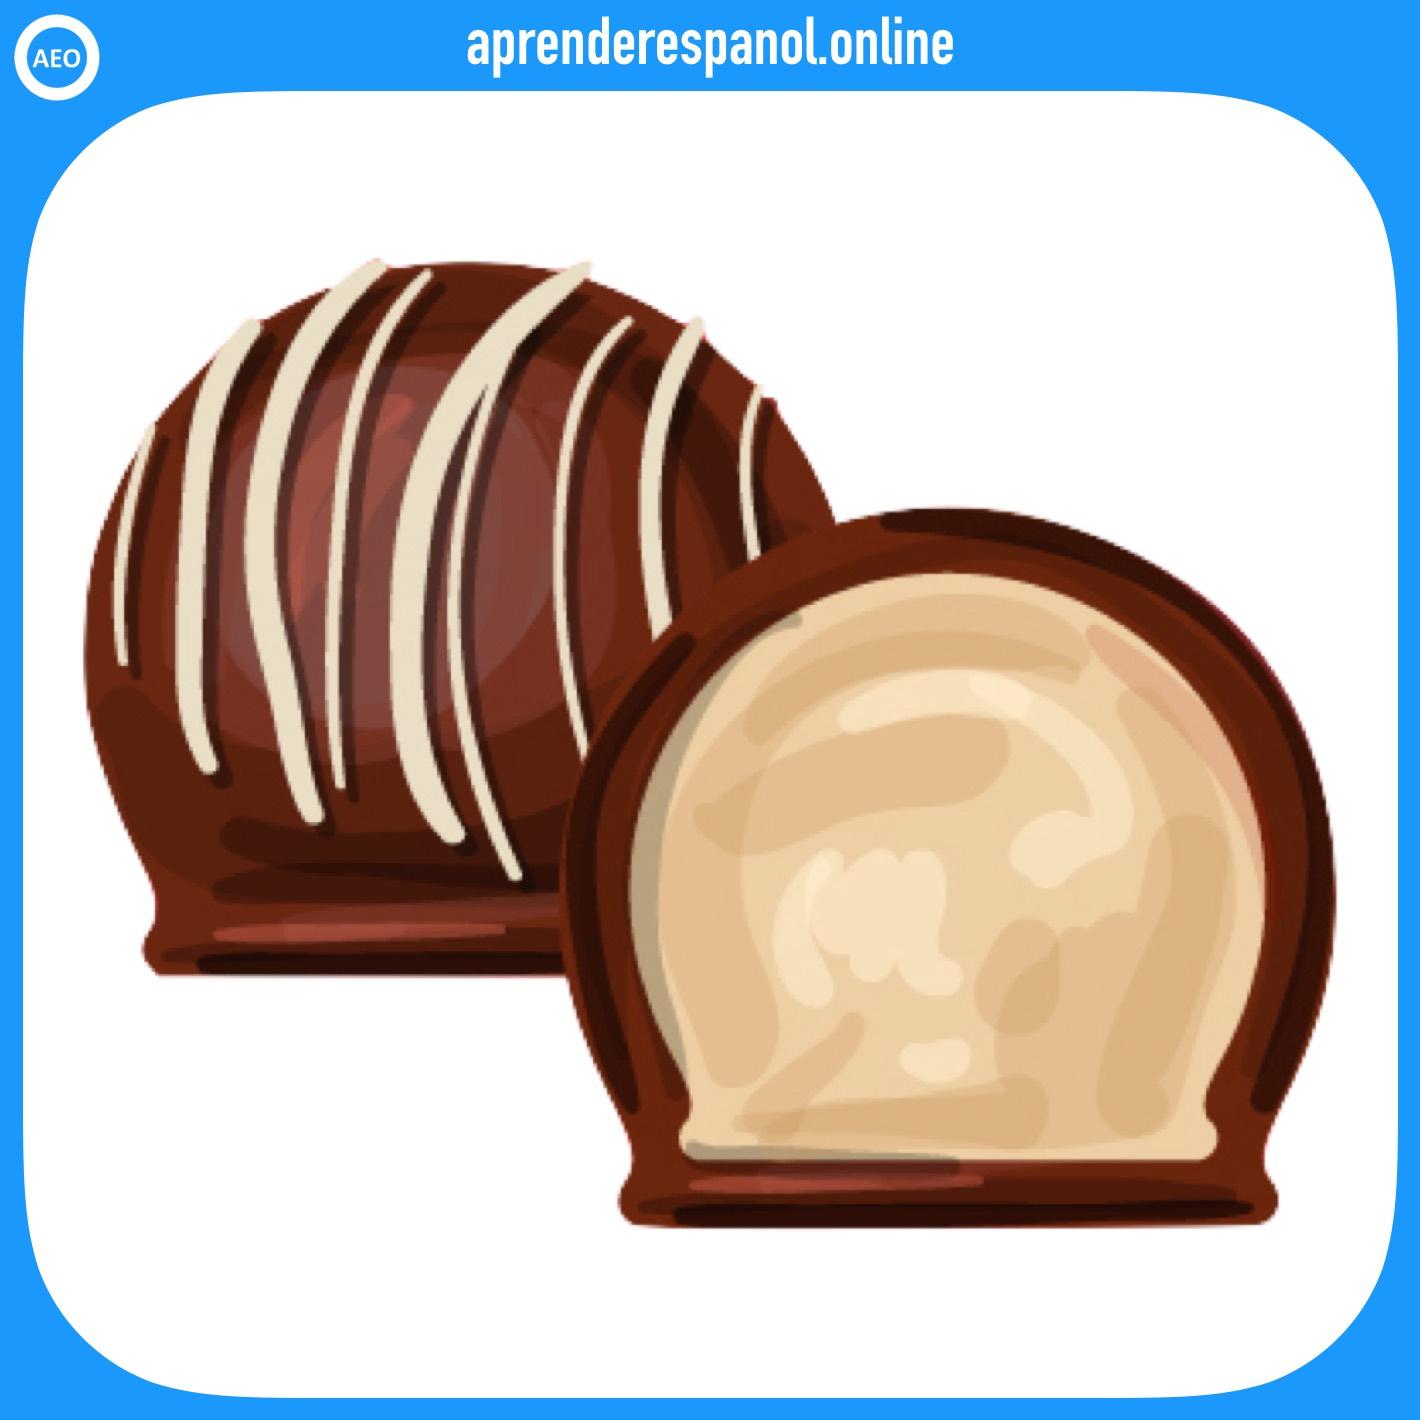 trufa   postres y dulces en español   vocabulario de los postres en español